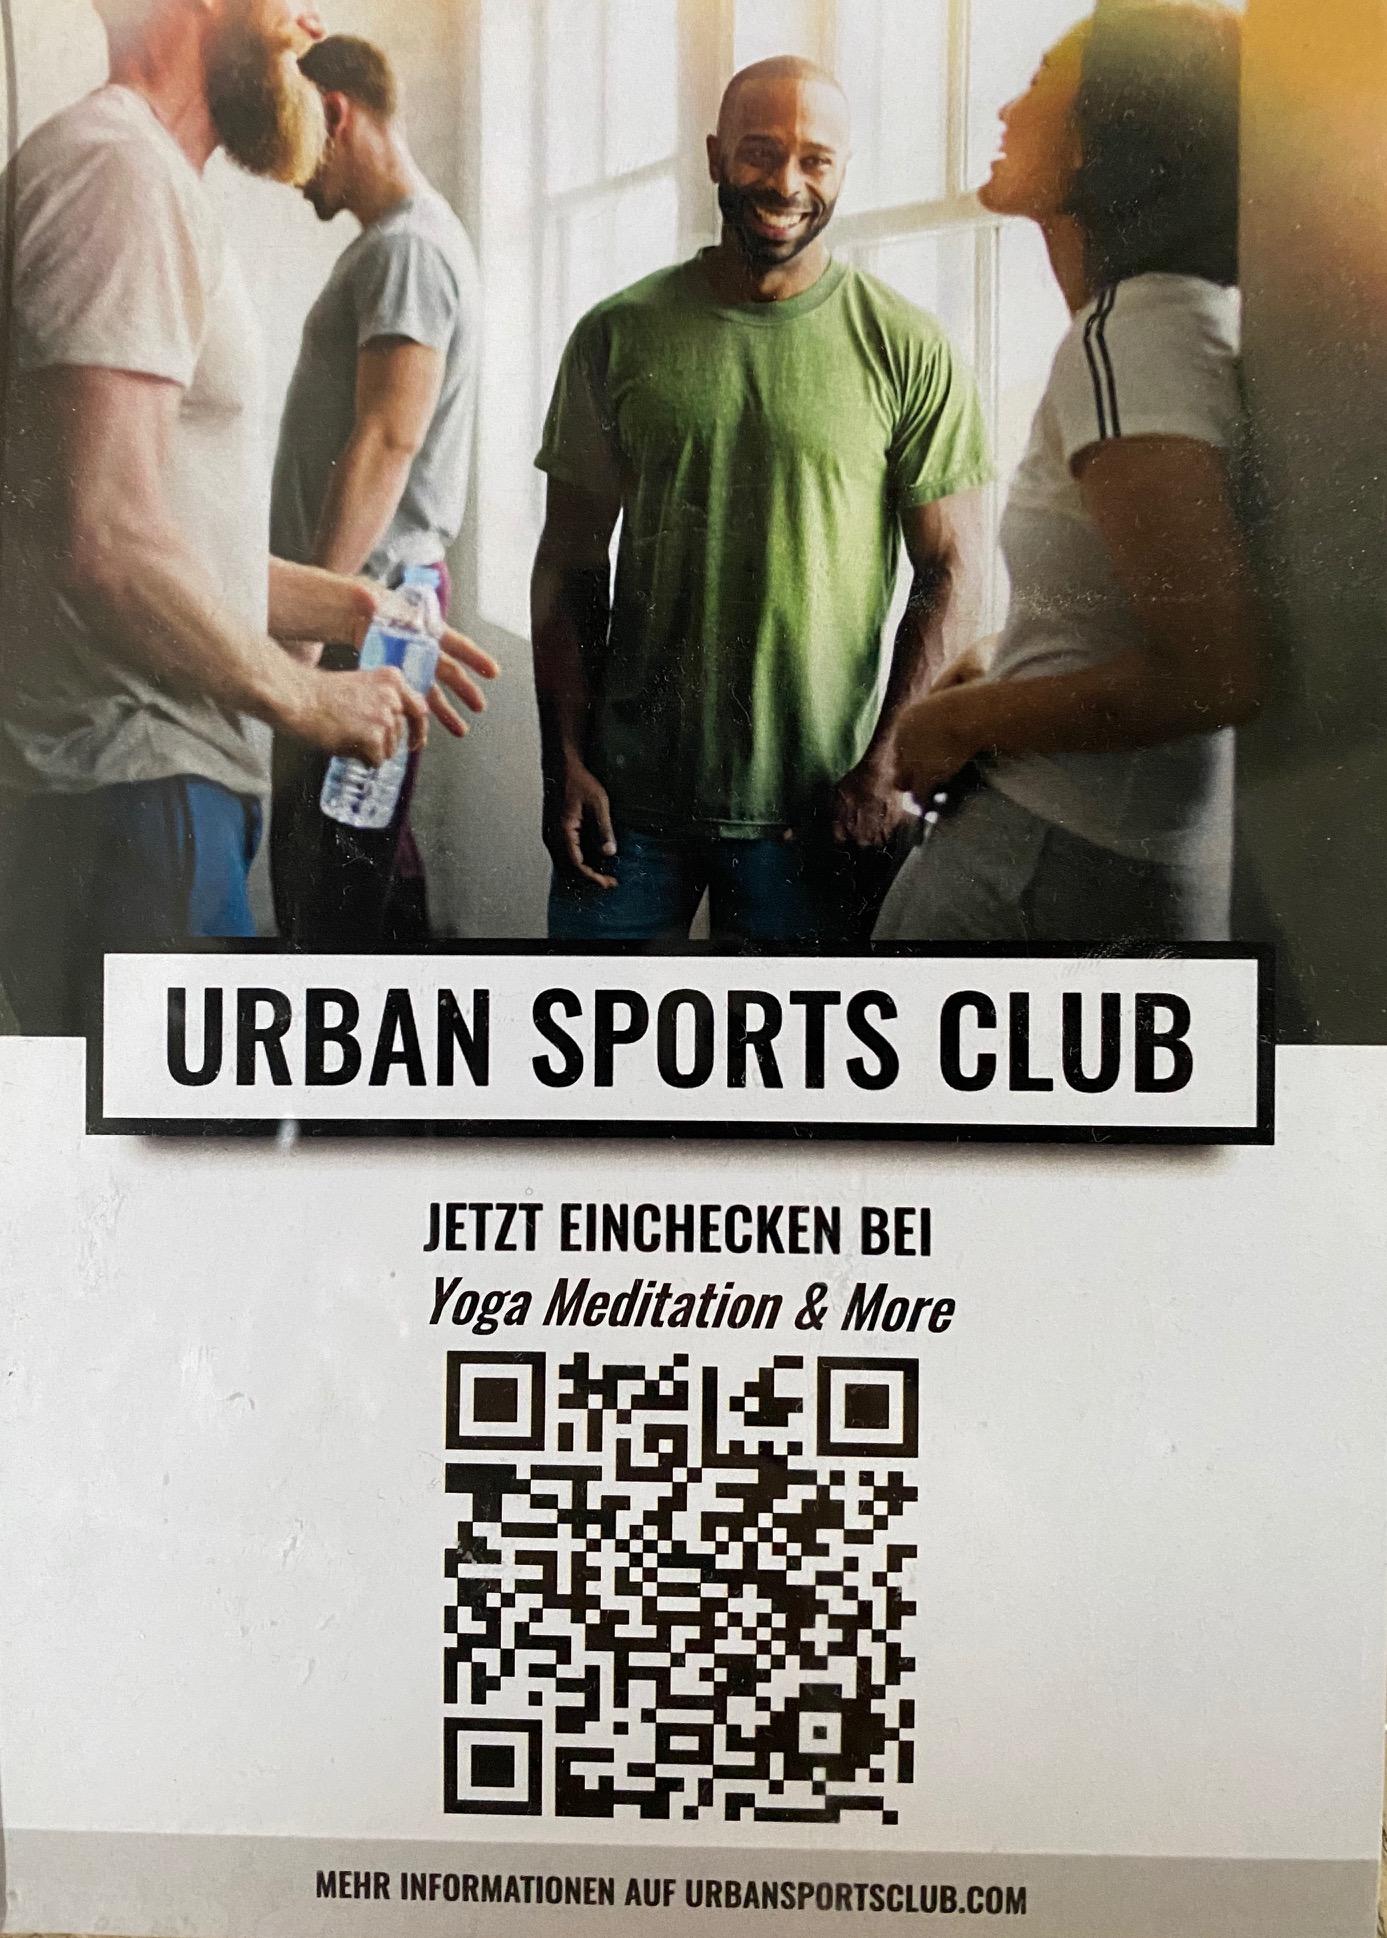 Urban Sports Club